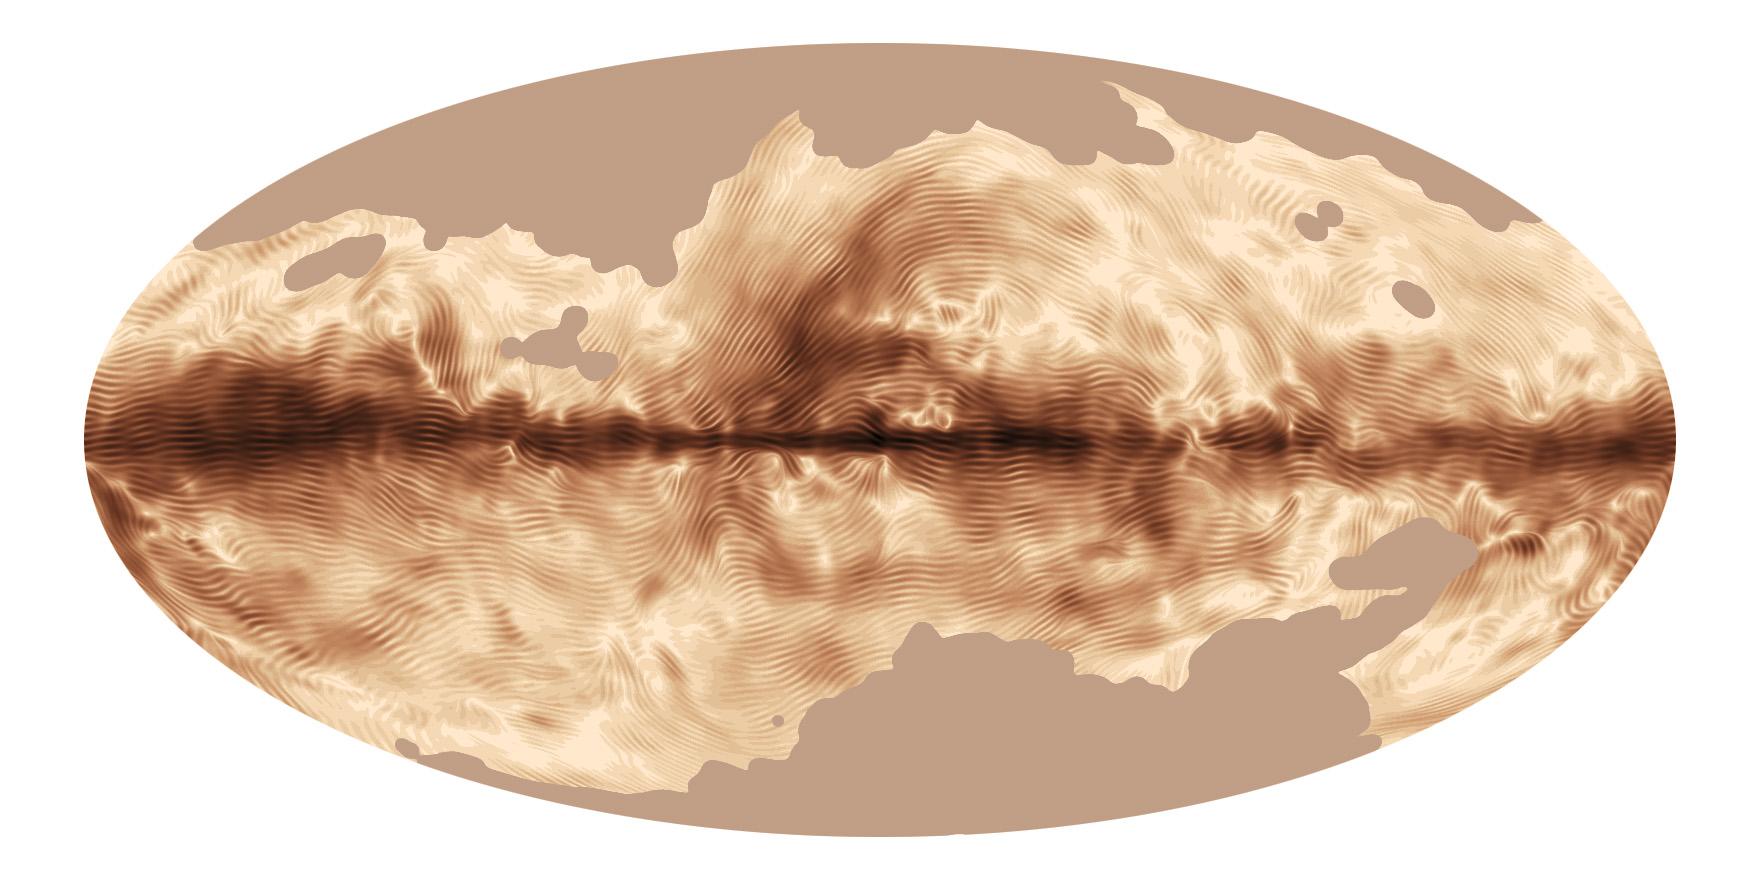 银河系的磁力线分布图